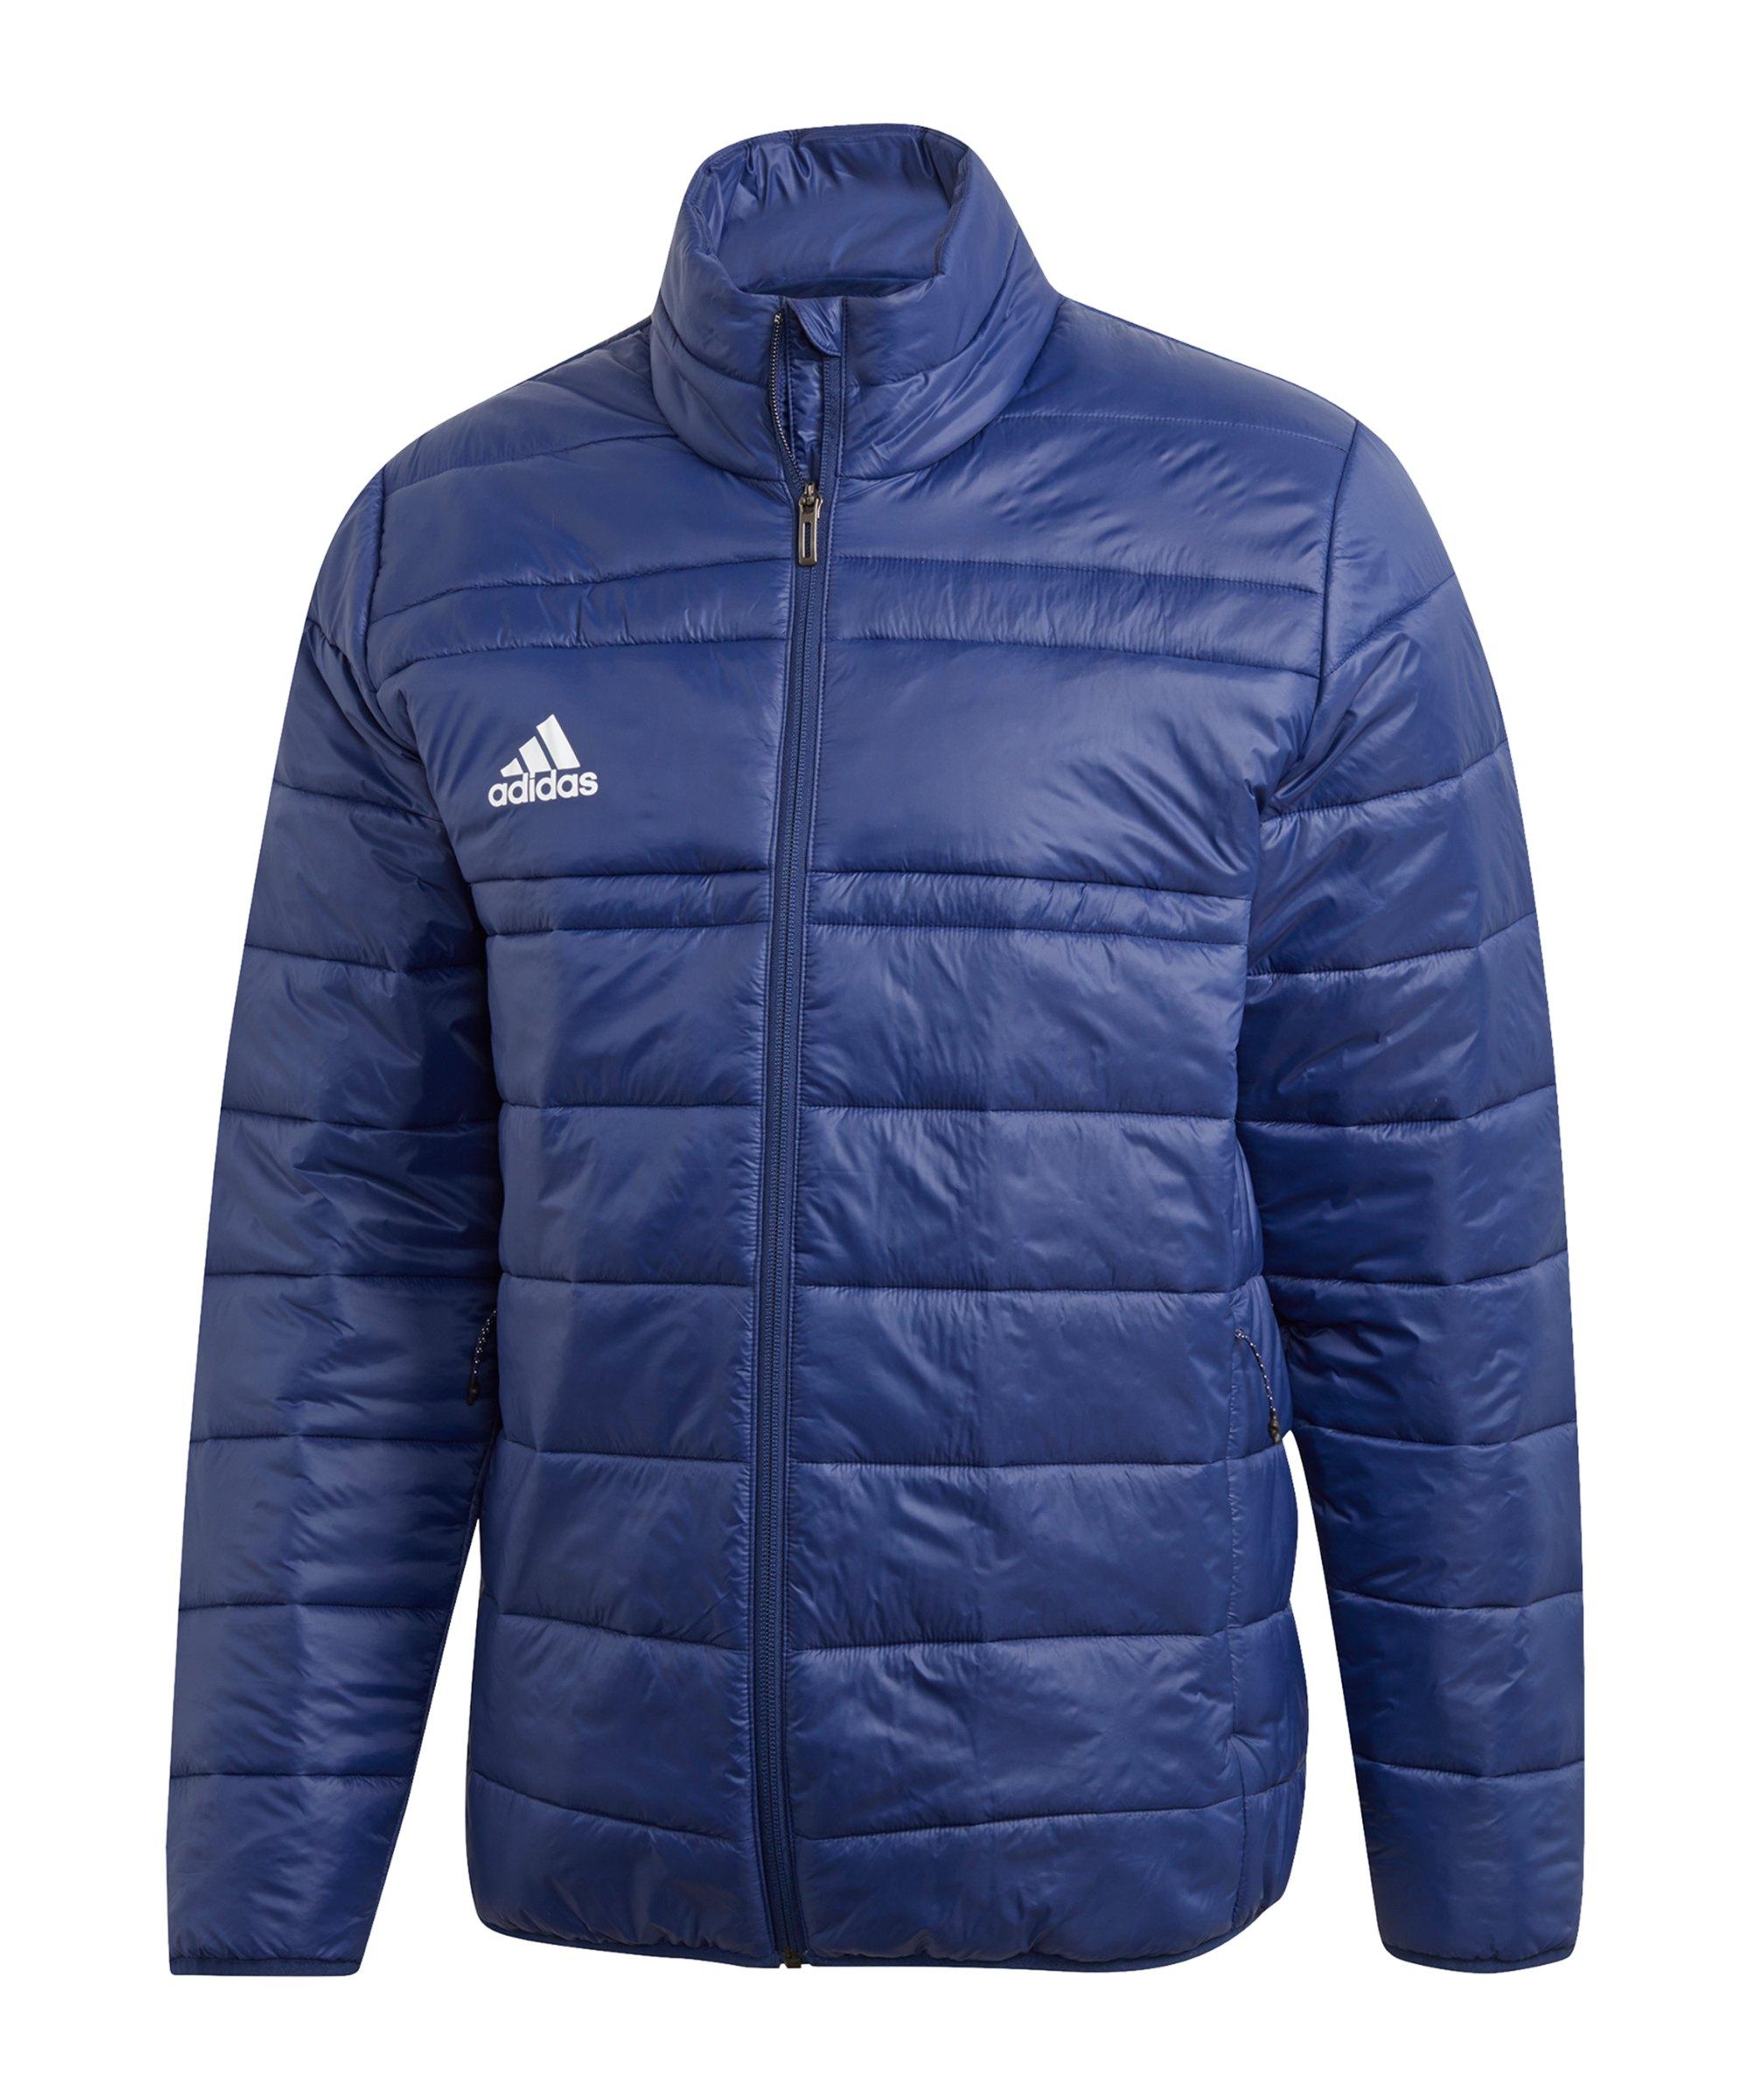 adidas Padded Jacket Winterjacke Dunkelblau - blau